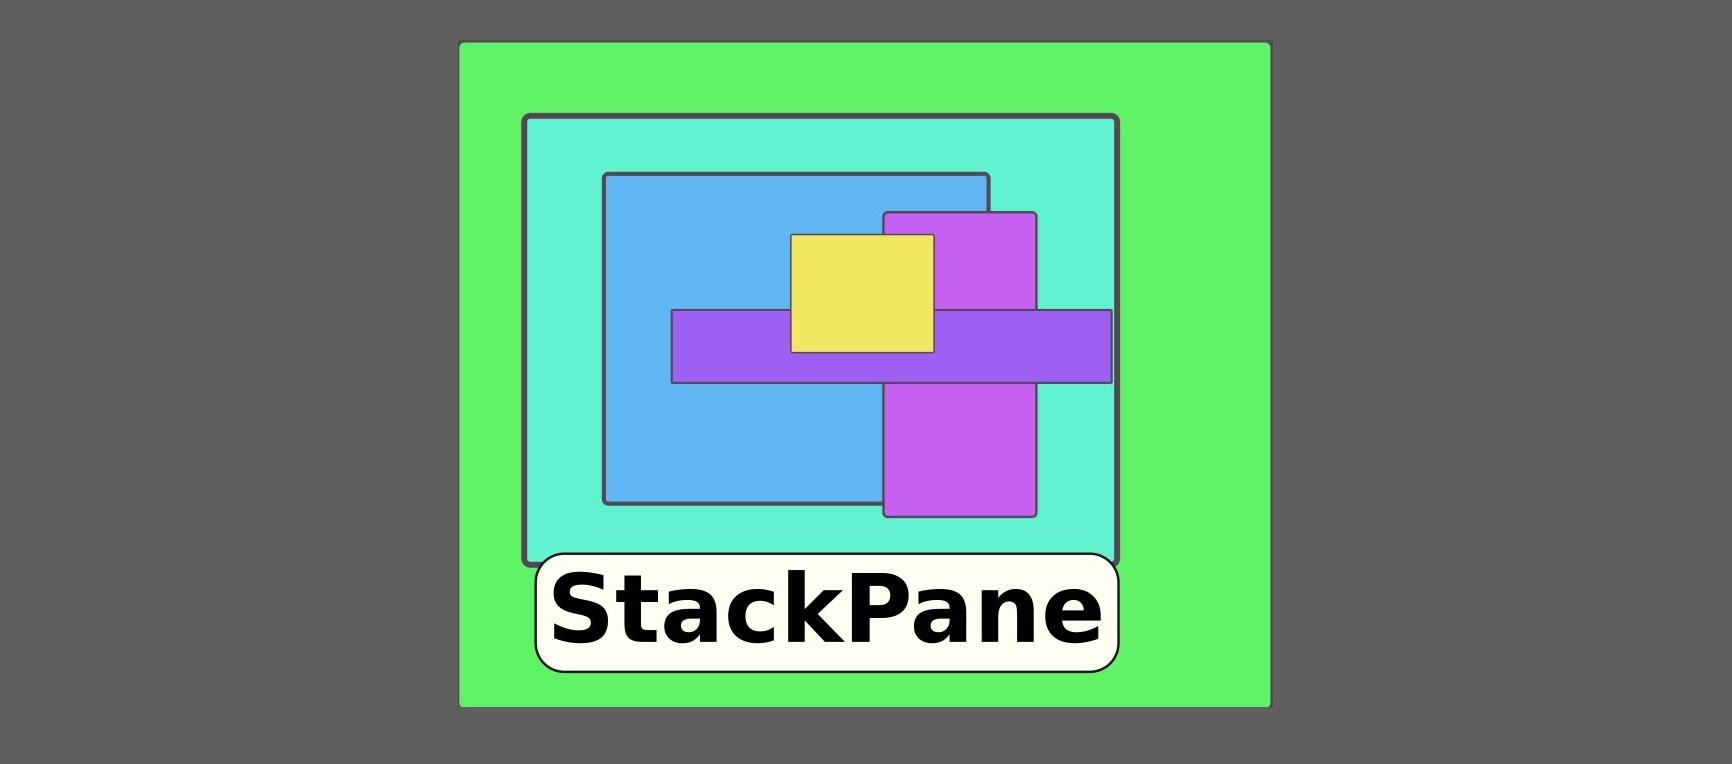 StackPane : بررسی Layout های جاوا FX